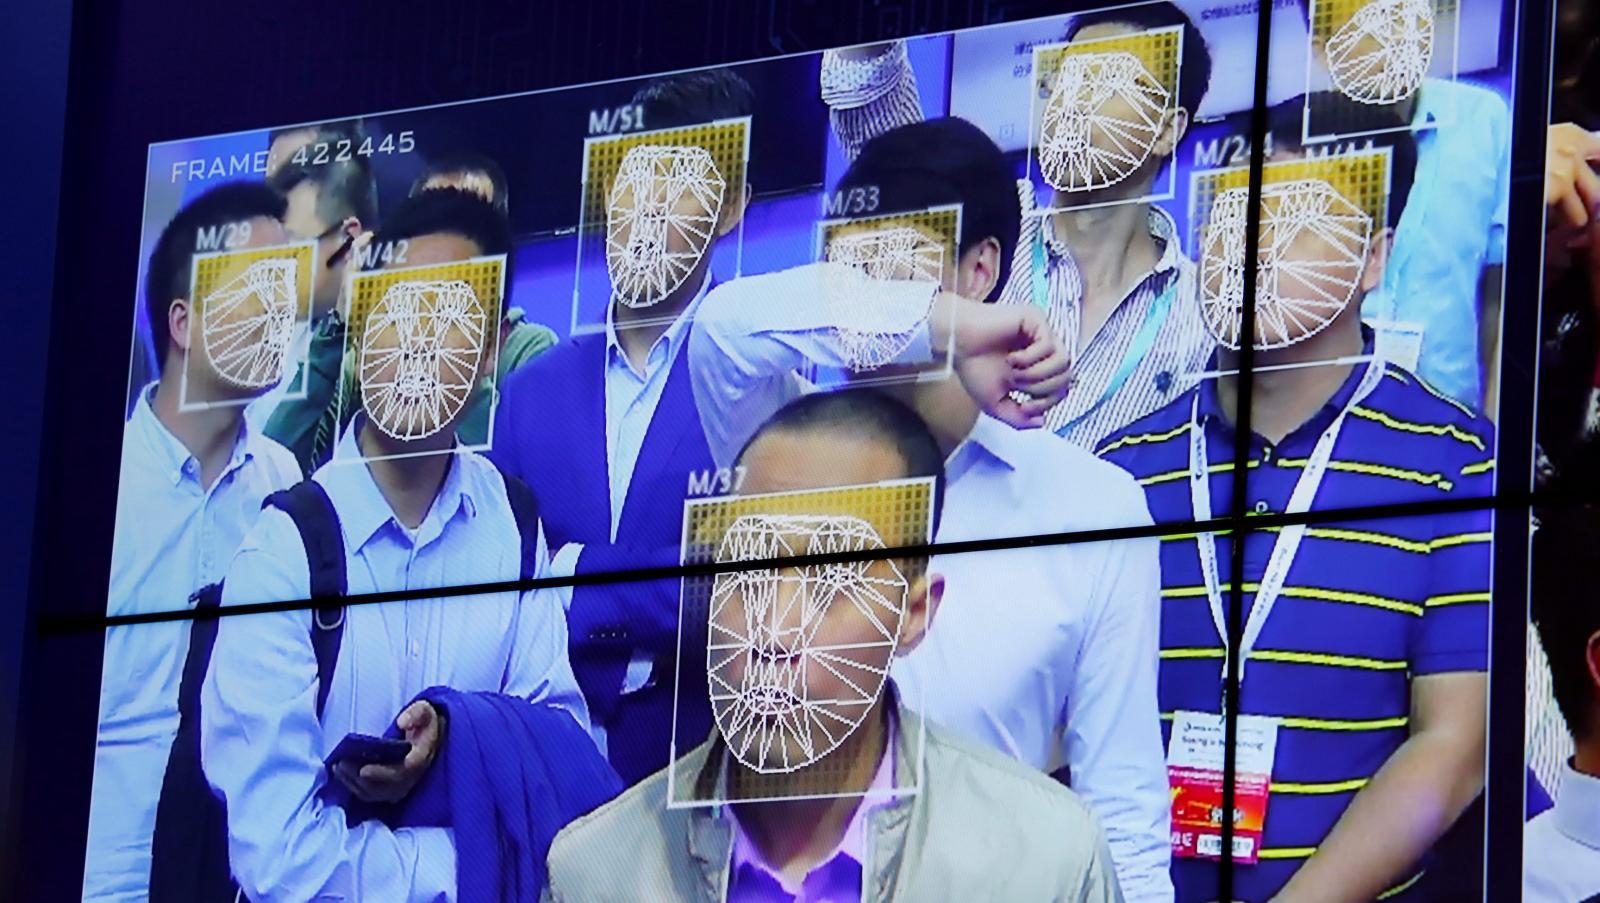 В Китае сим-карты будут продавать по биометрическим данным